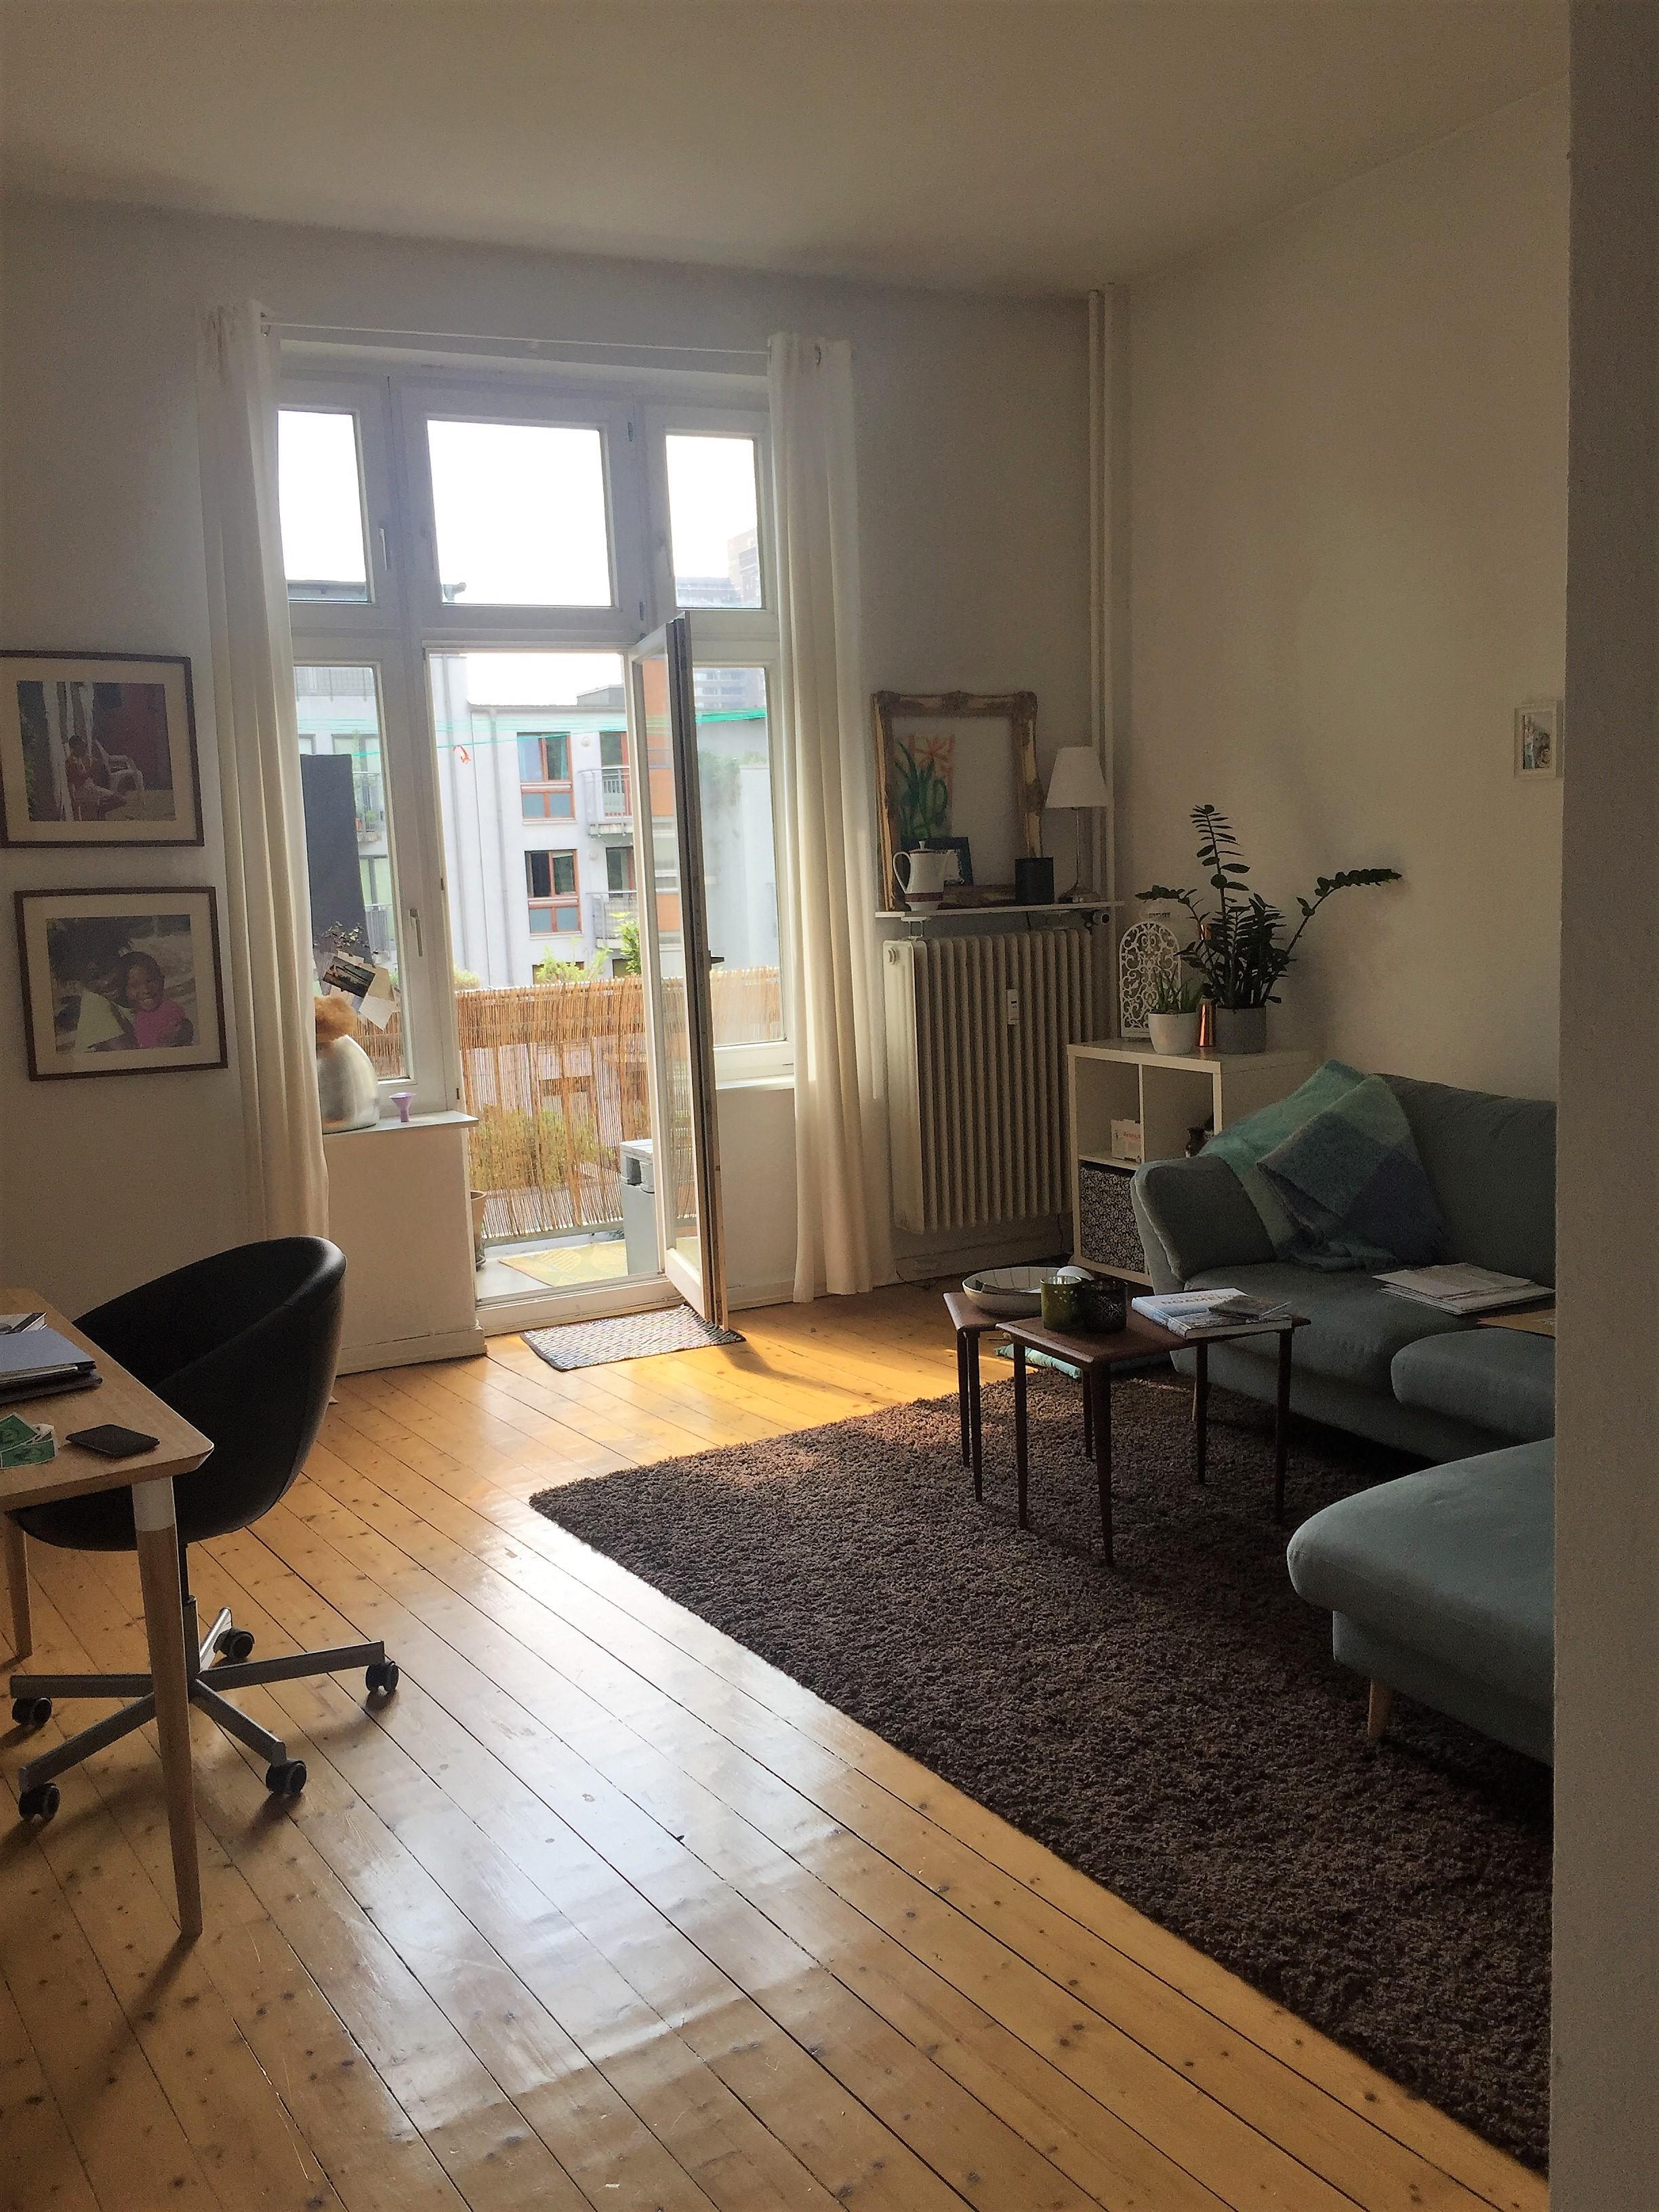 2 zimmer mietwohnung auf zeit f r expats zu mieten in. Black Bedroom Furniture Sets. Home Design Ideas